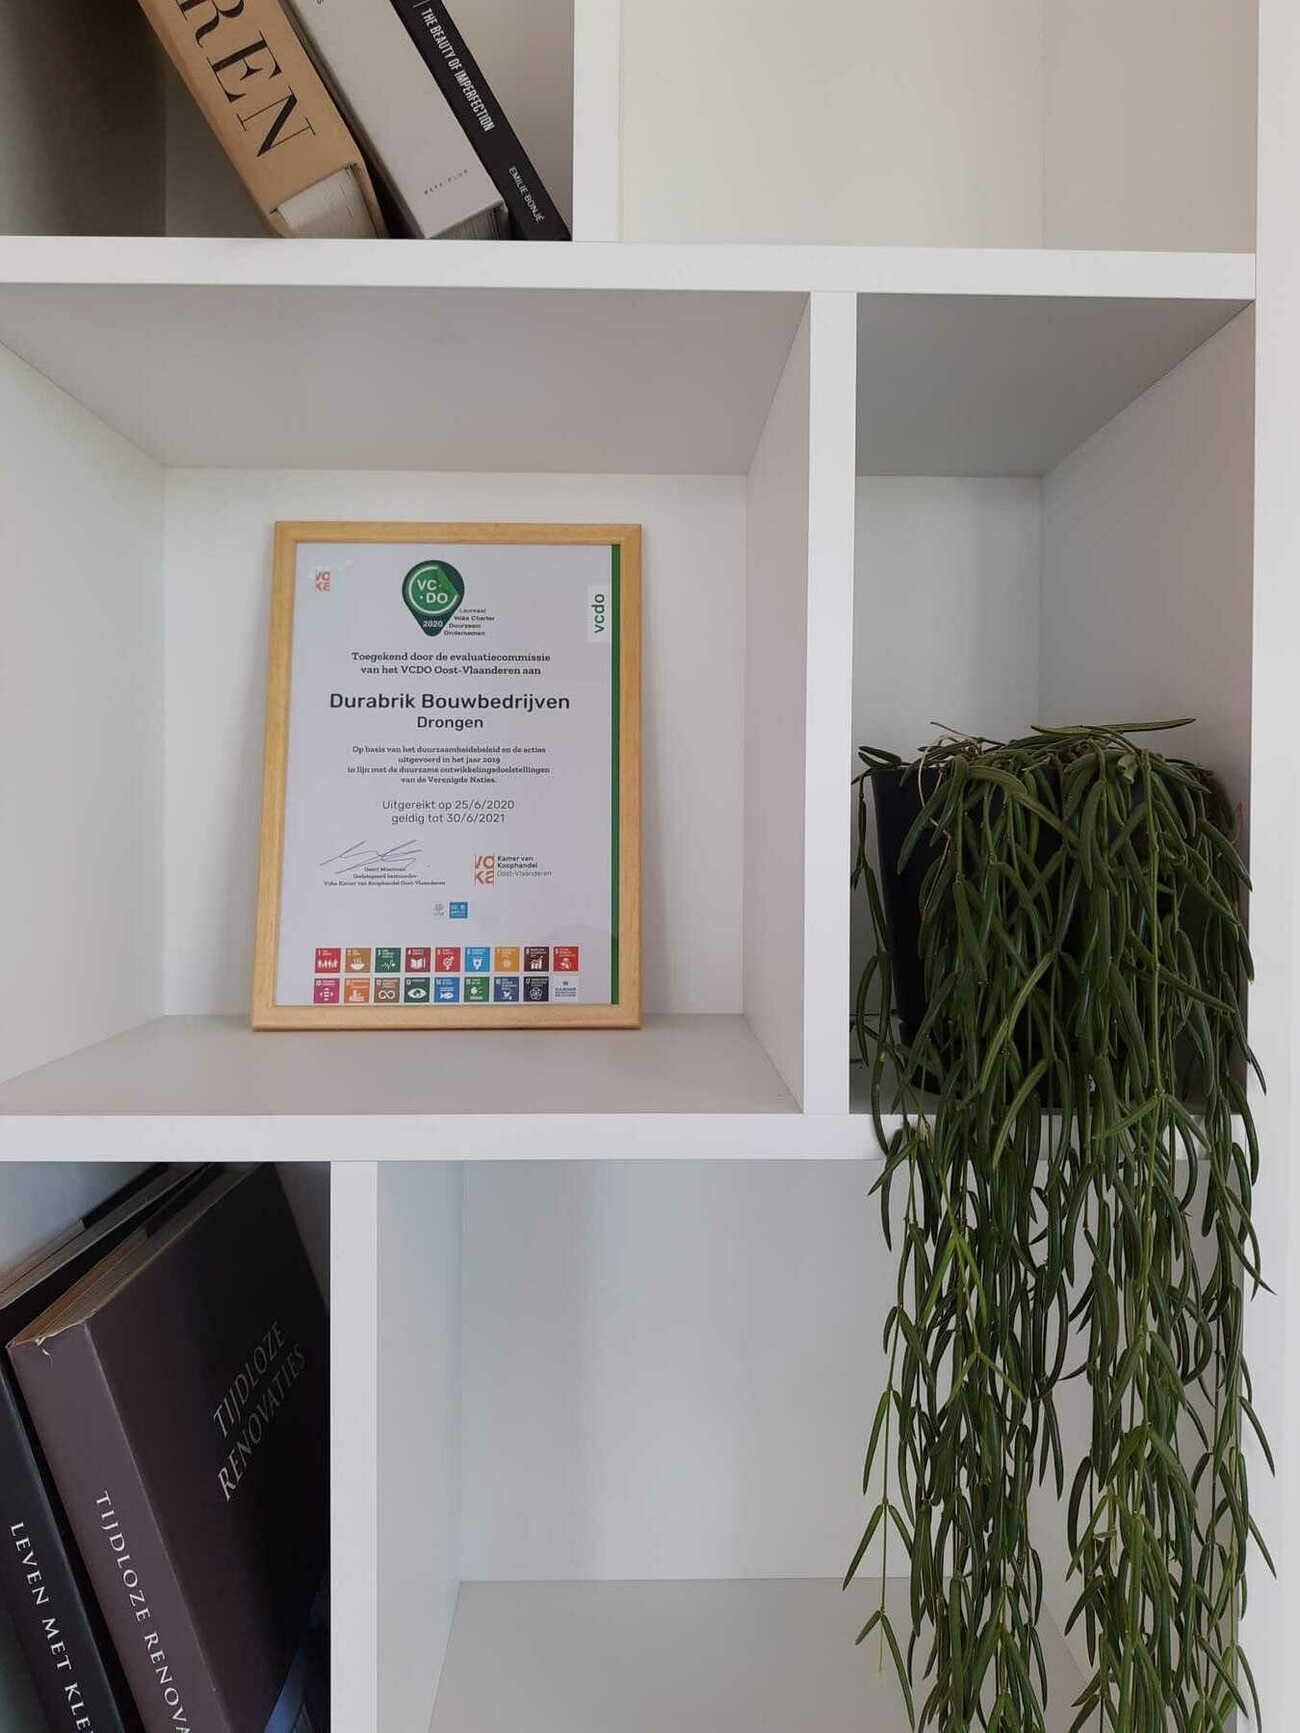 Derde Voka Charter Duurzaam Ondernemen voor Durabrik